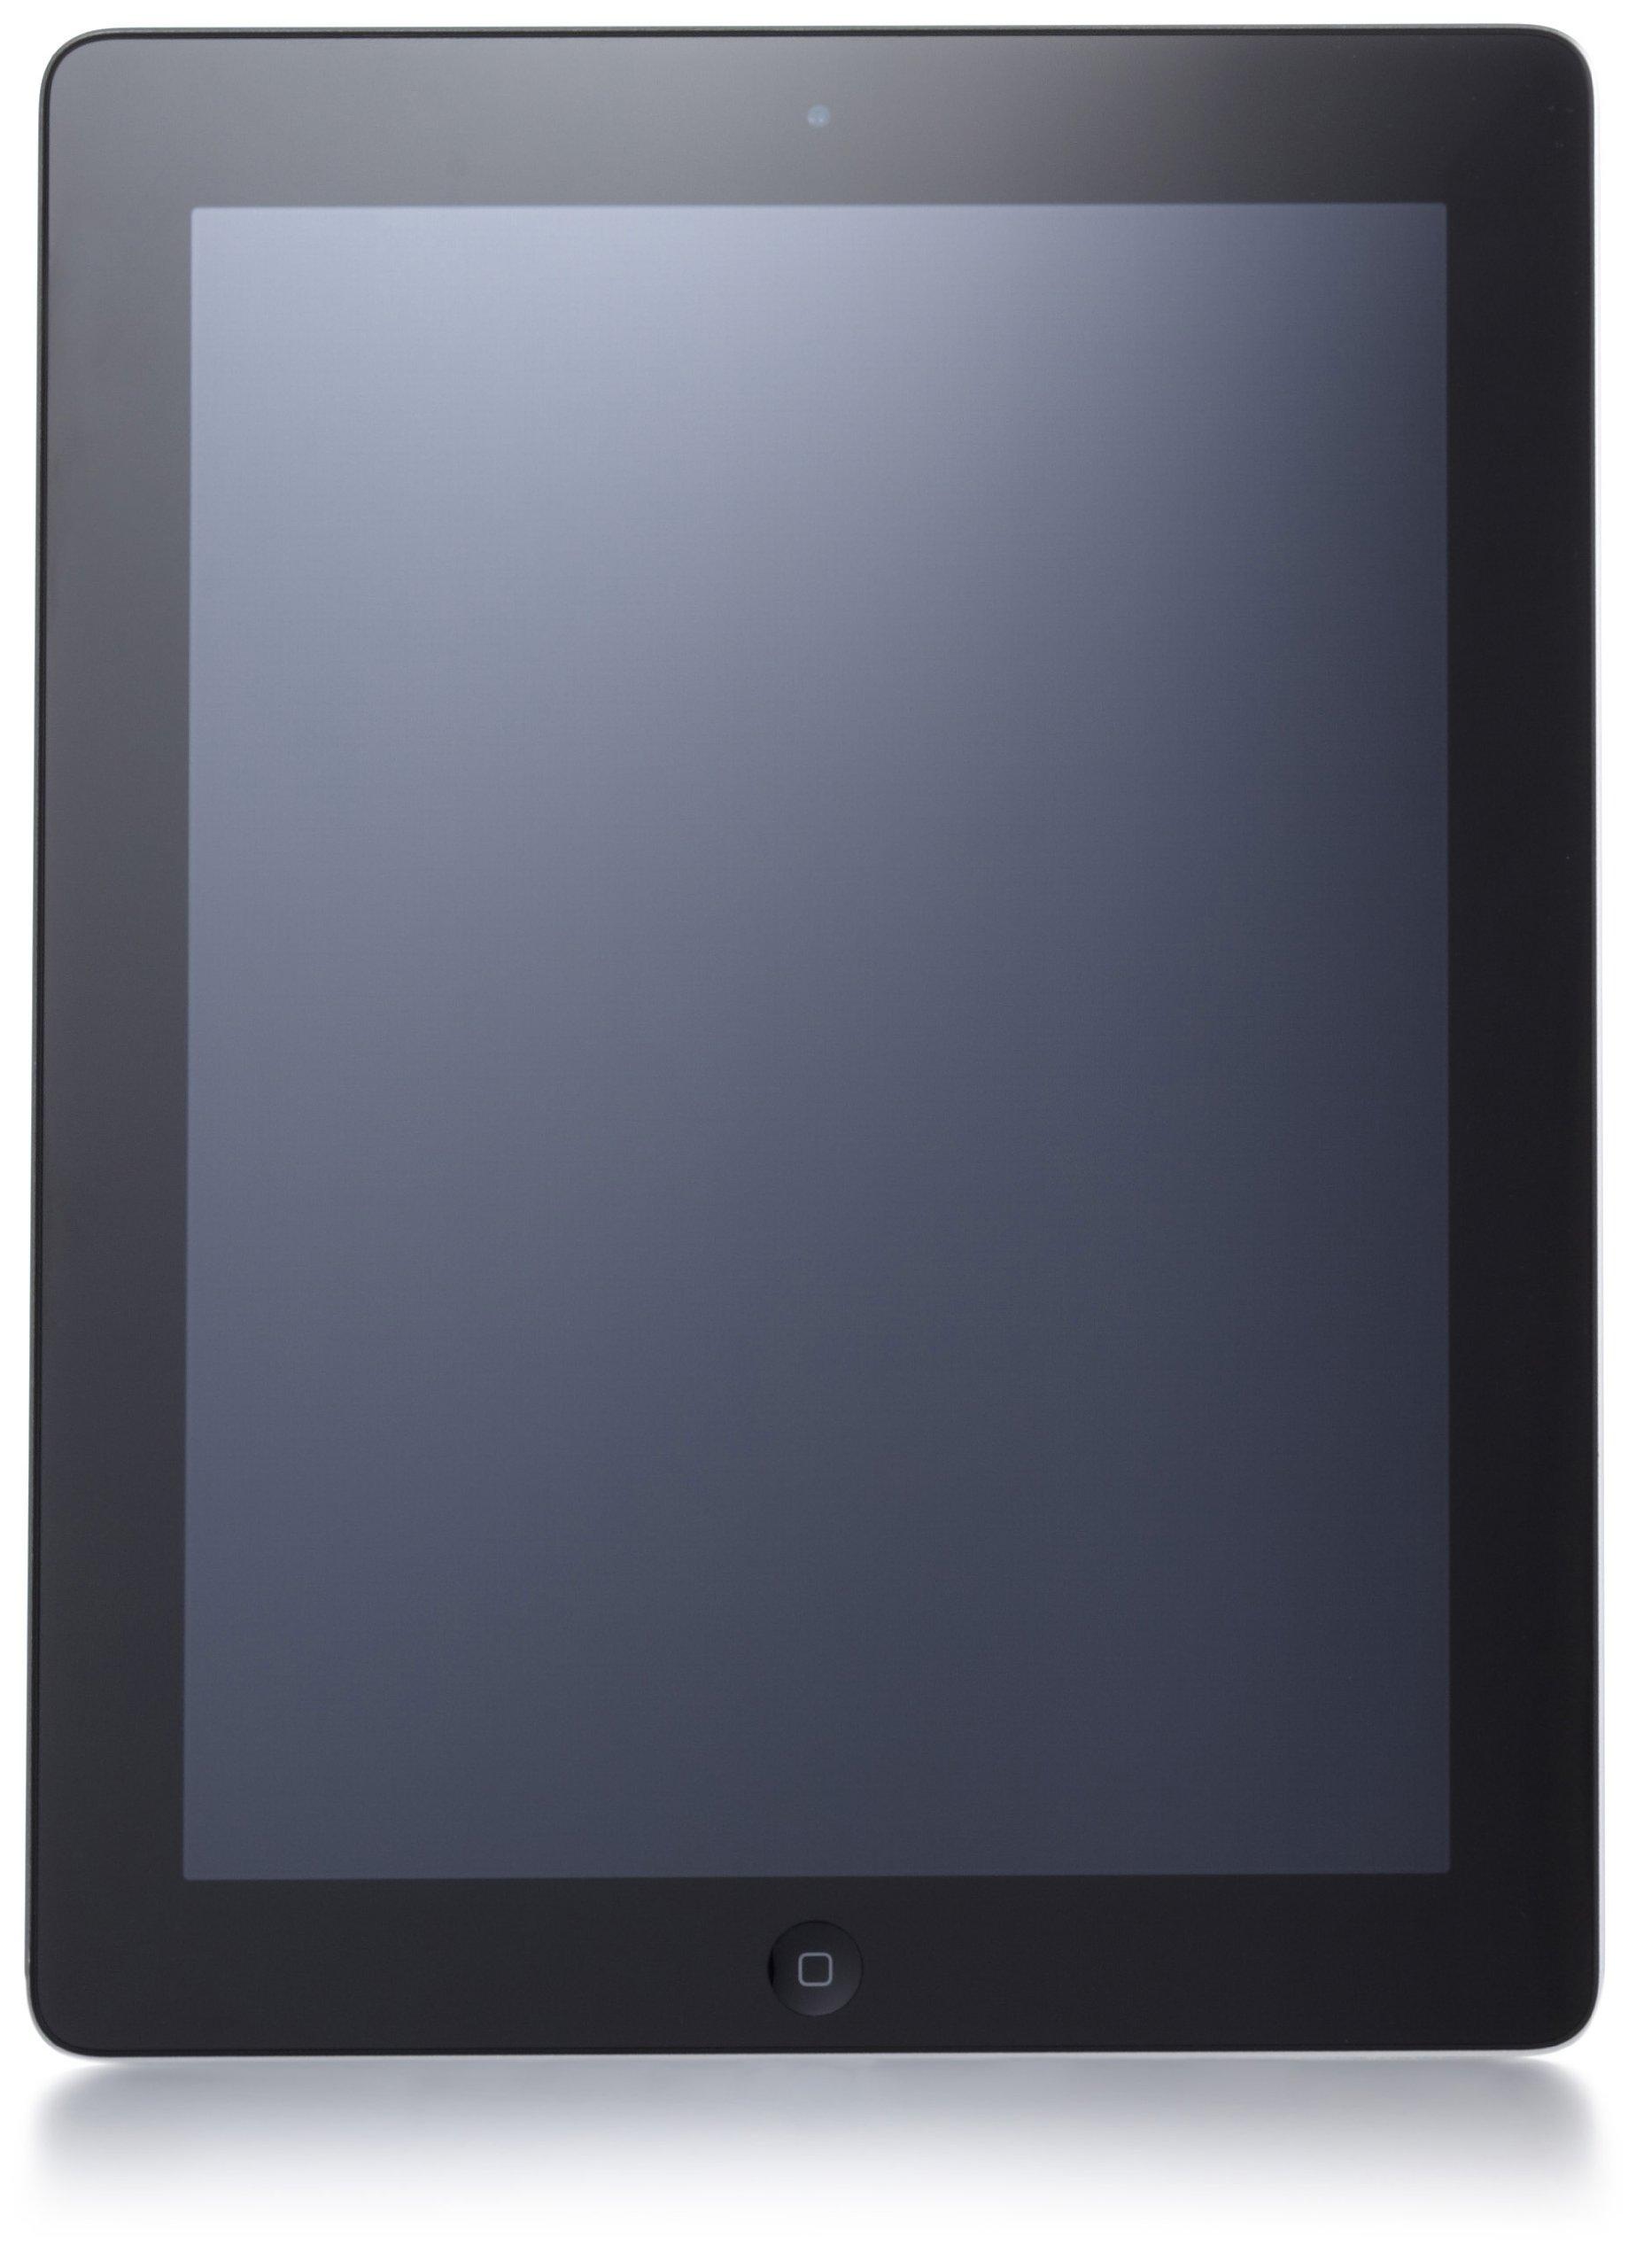 Apple iPad 2 MC770LL/A Tablet (32GB, Wifi, Black) 2nd Generation